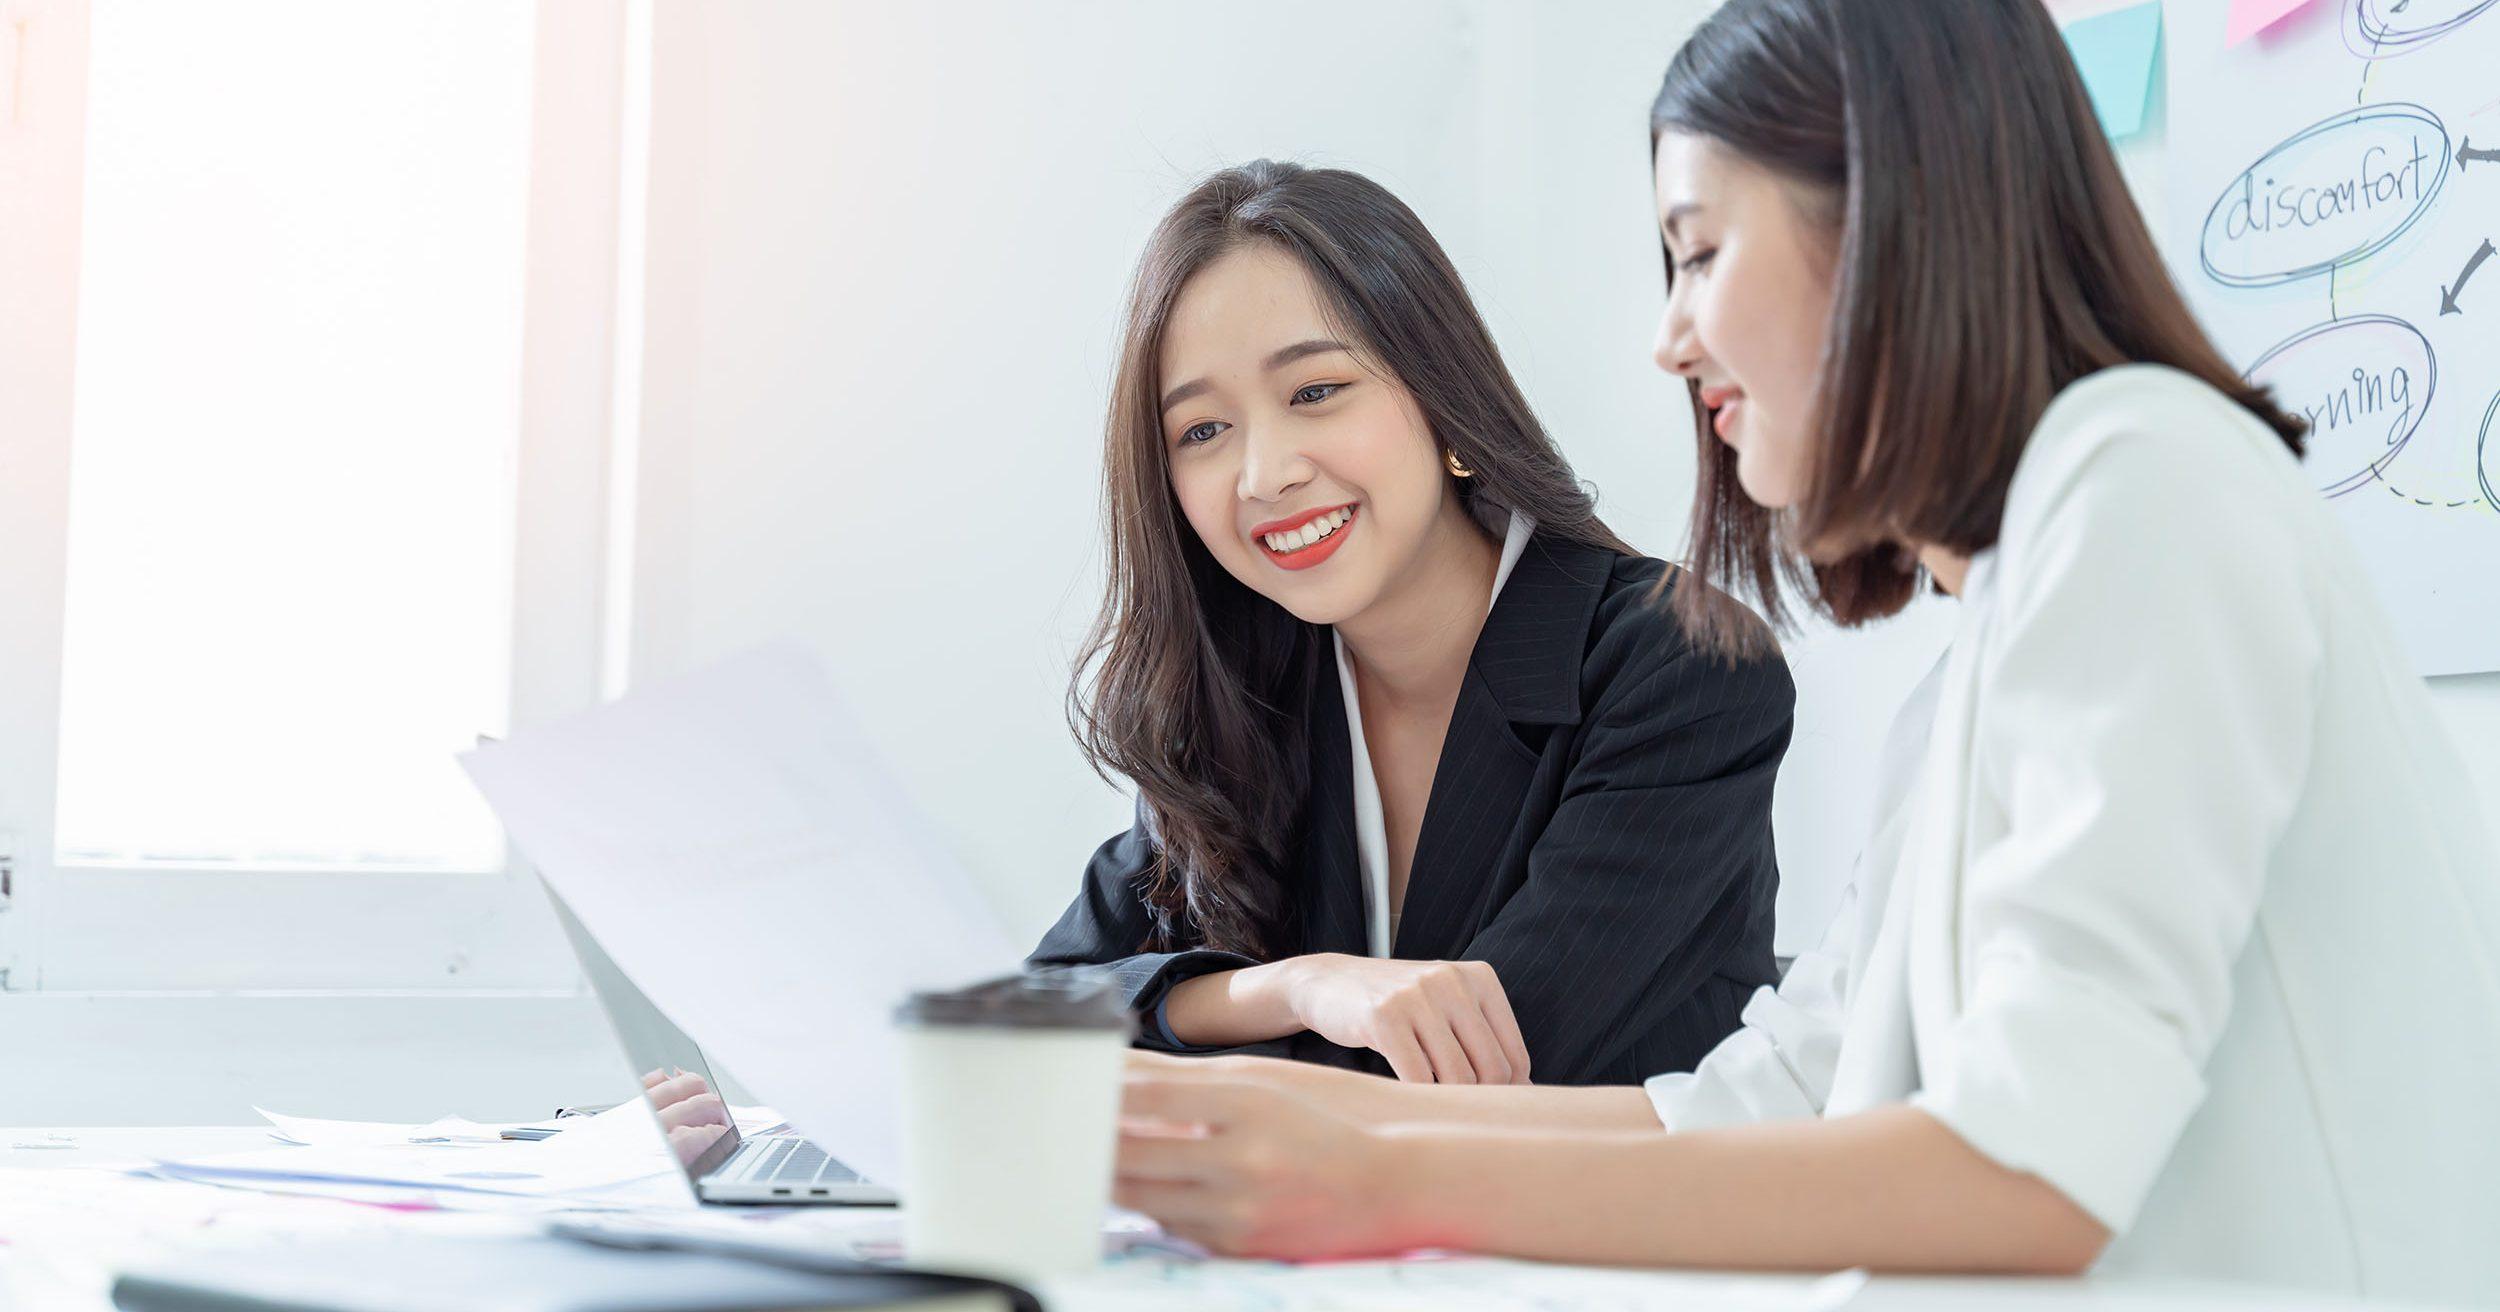 【工讀機會】大專青年公部門暑期工讀 4月30日受理報名